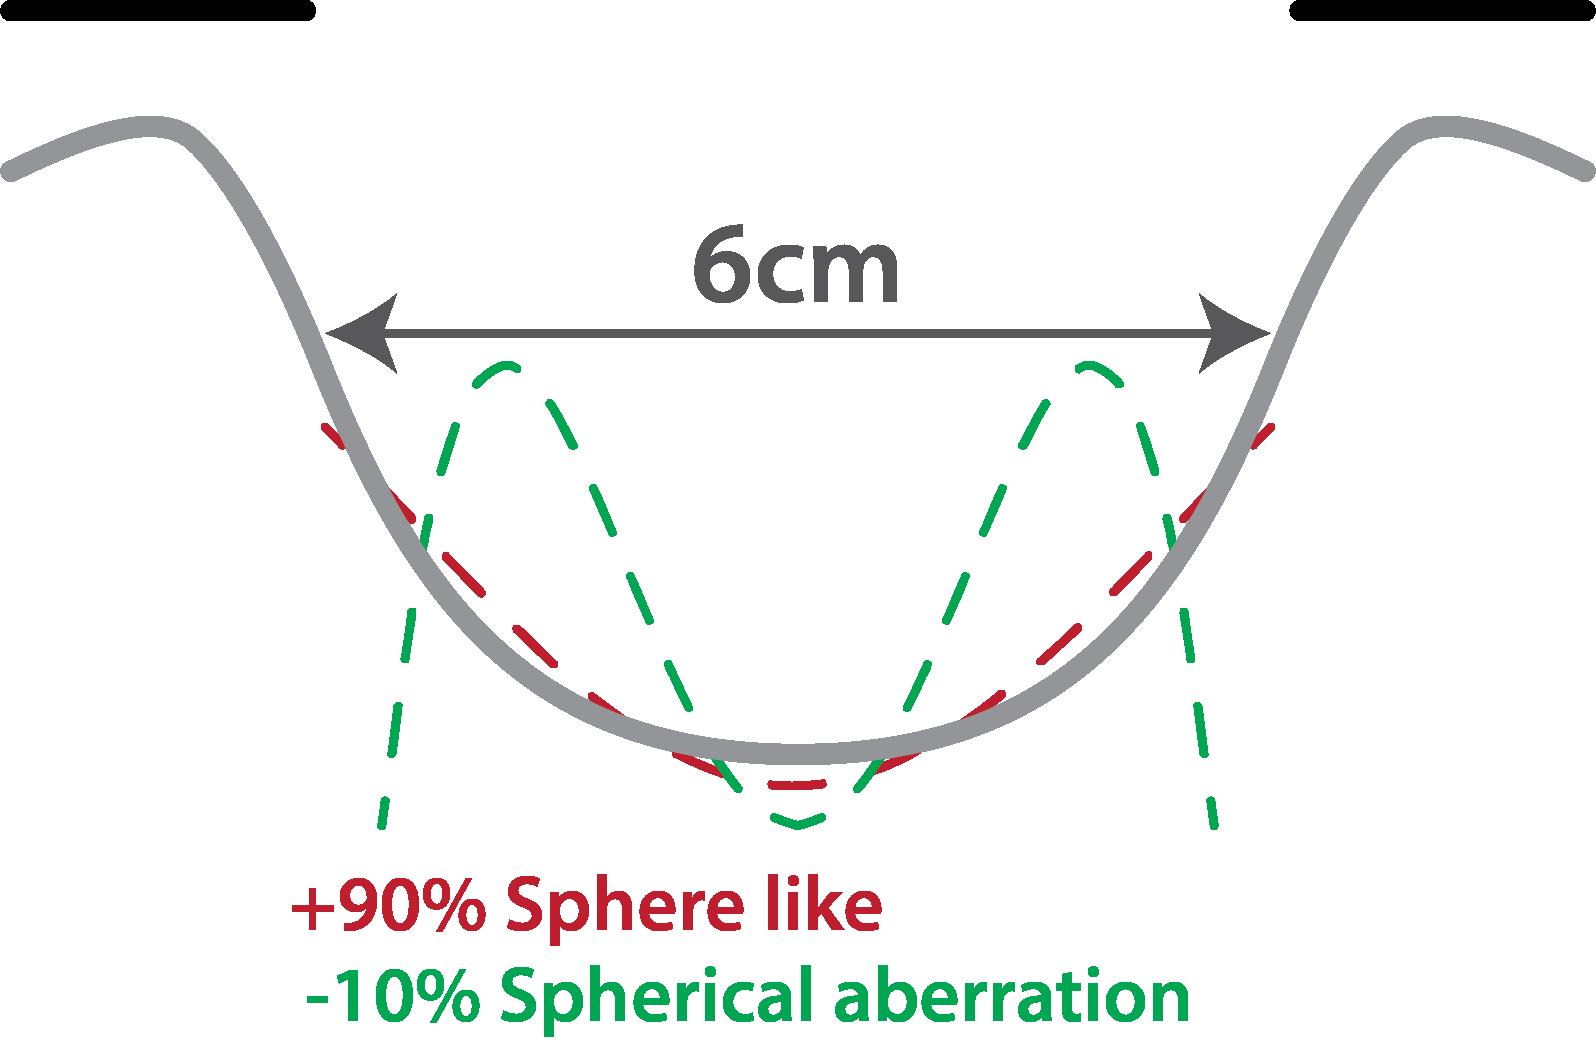 Spherical aberration bowl comparison 6cm